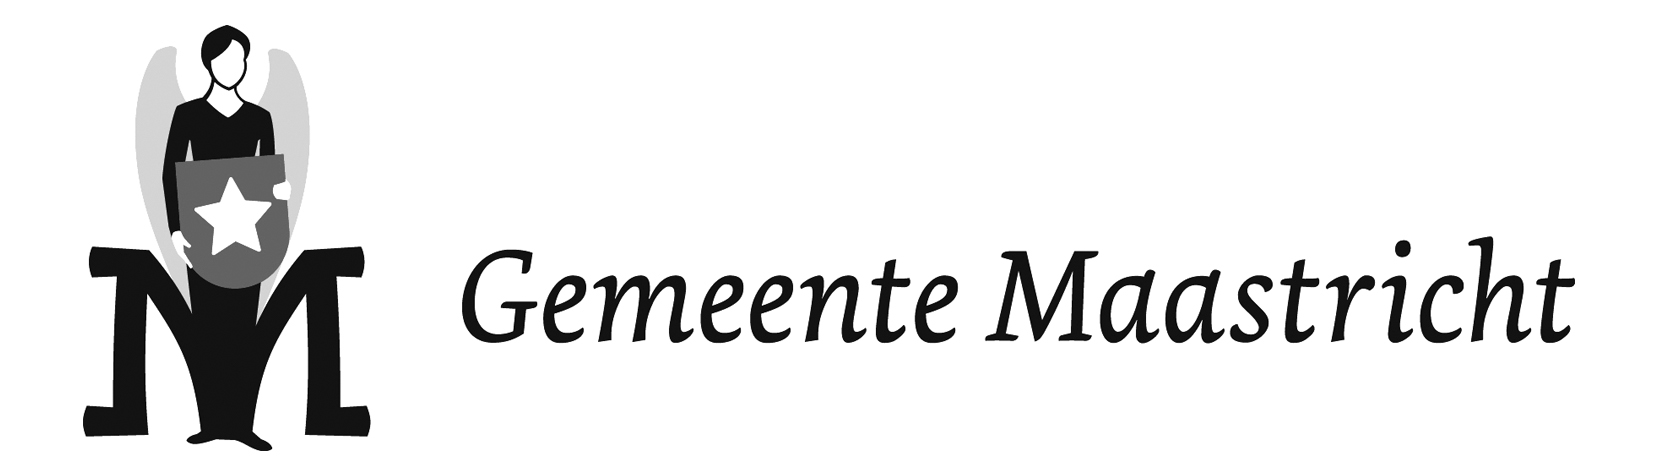 logo Gemeente.jpg